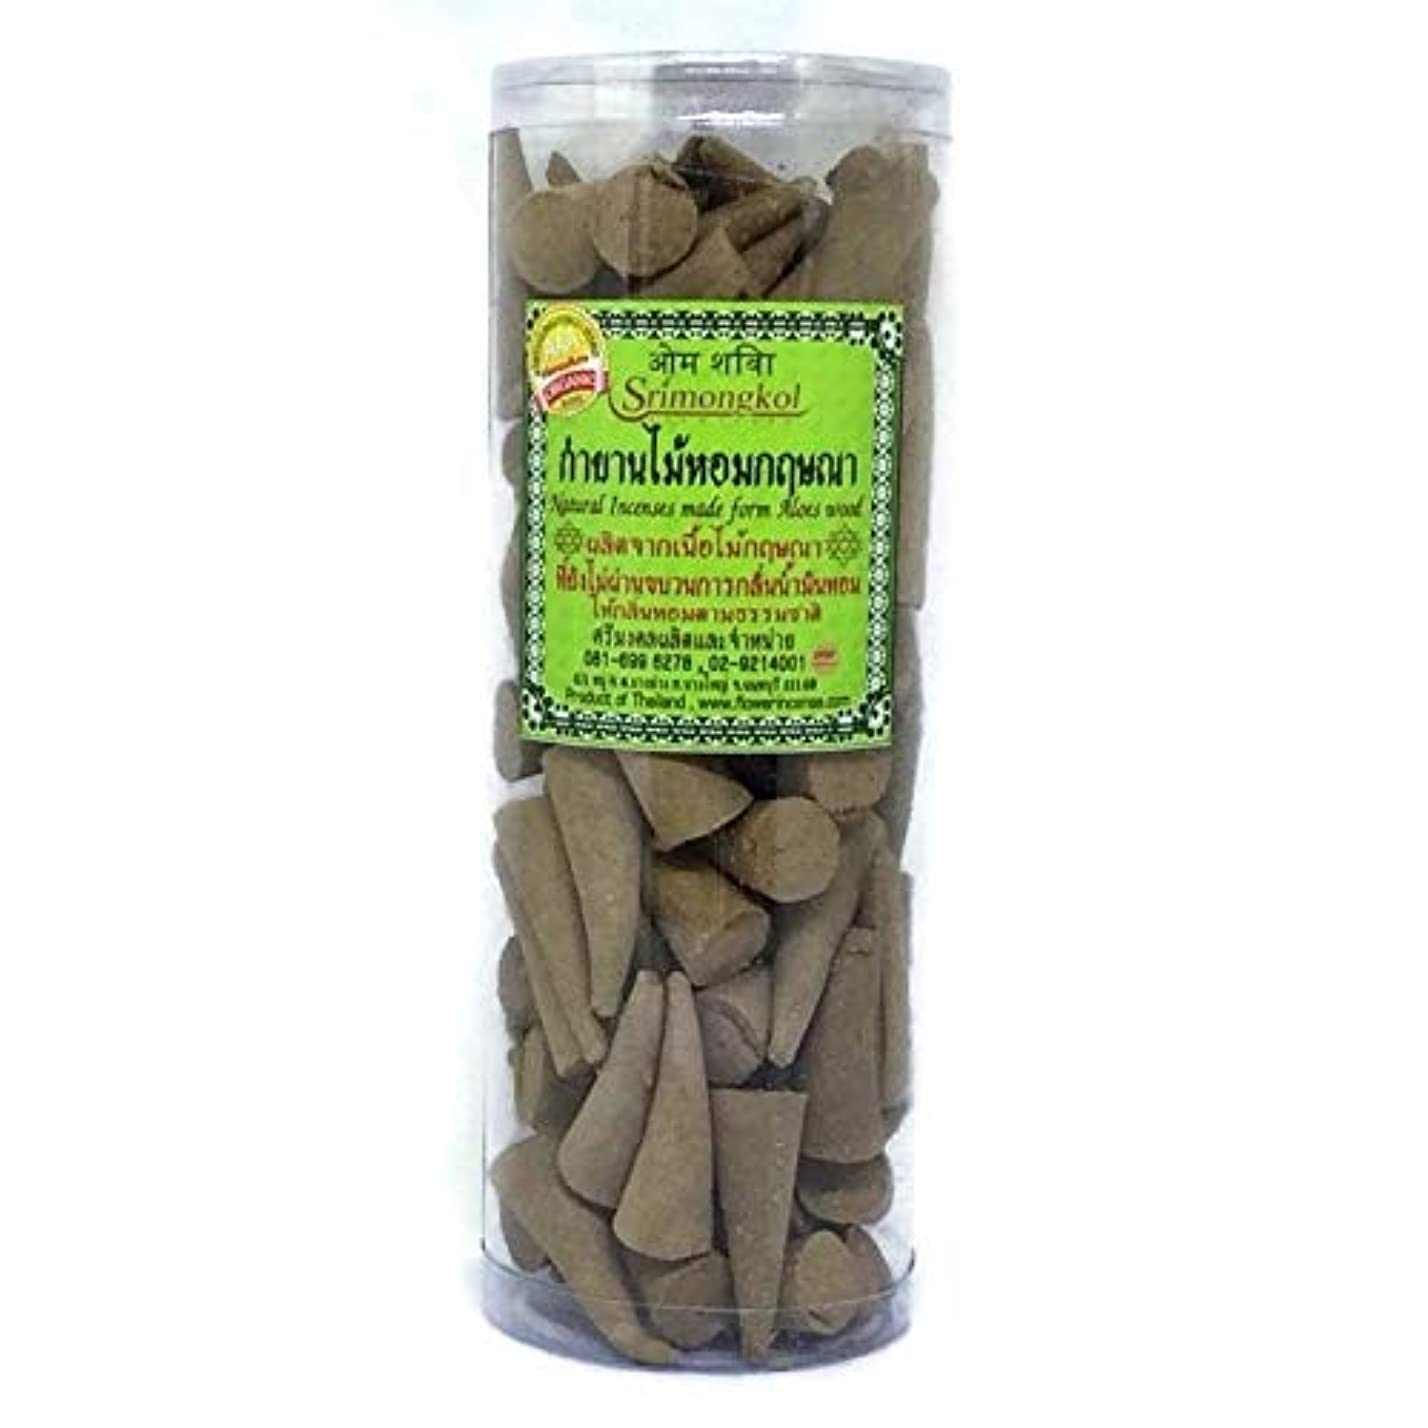 出身地ペアスケートSrimongkol Agarwood Natural Incense Cones 300 Grams Grade AAA Organic (No Chemical :::Srimongkol Agarwoodナチュラル香コーン300グラムグレードAAA有機(化学薬品なし)